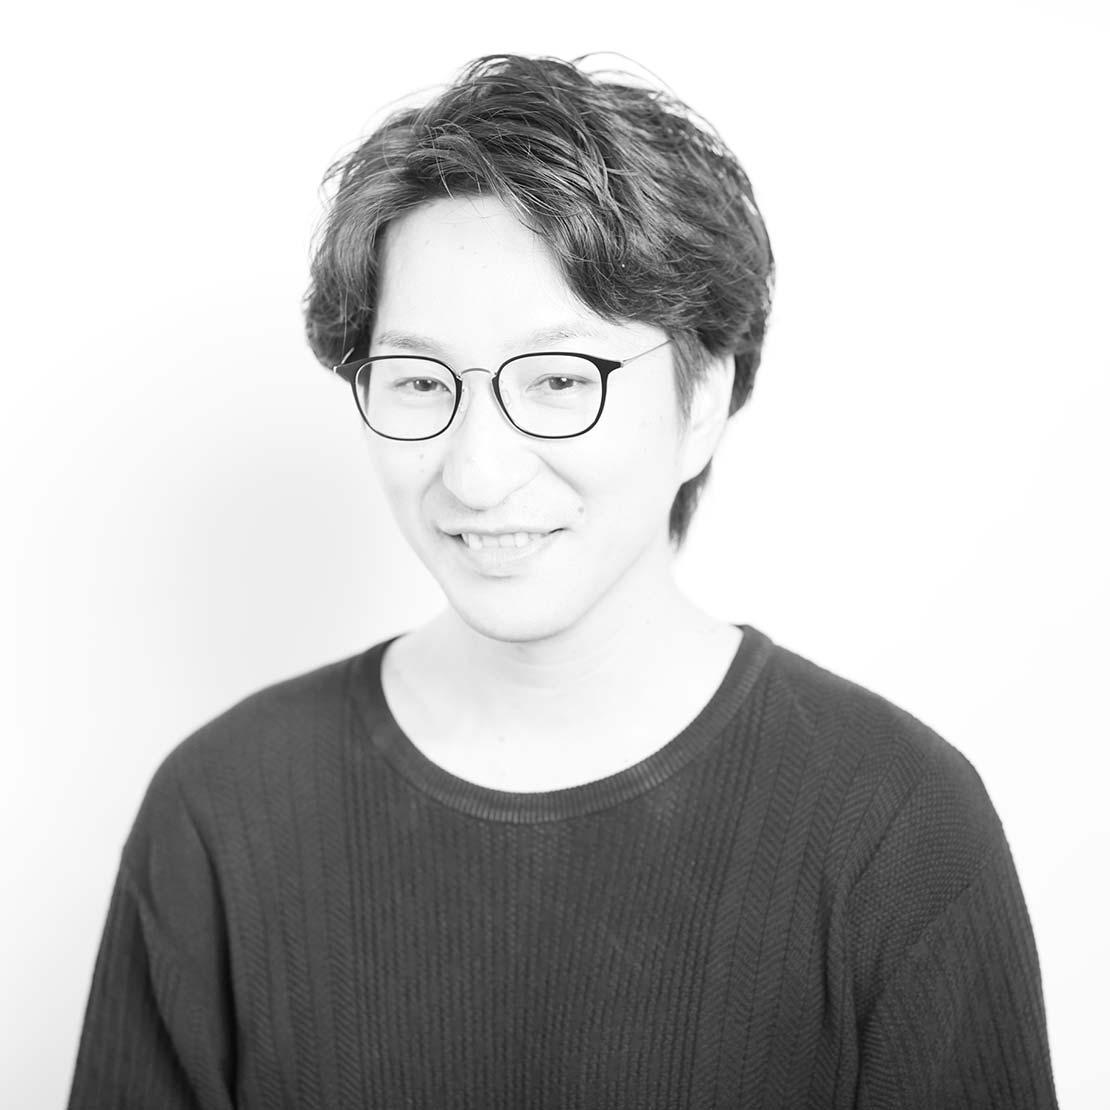 Takashi Shgetake